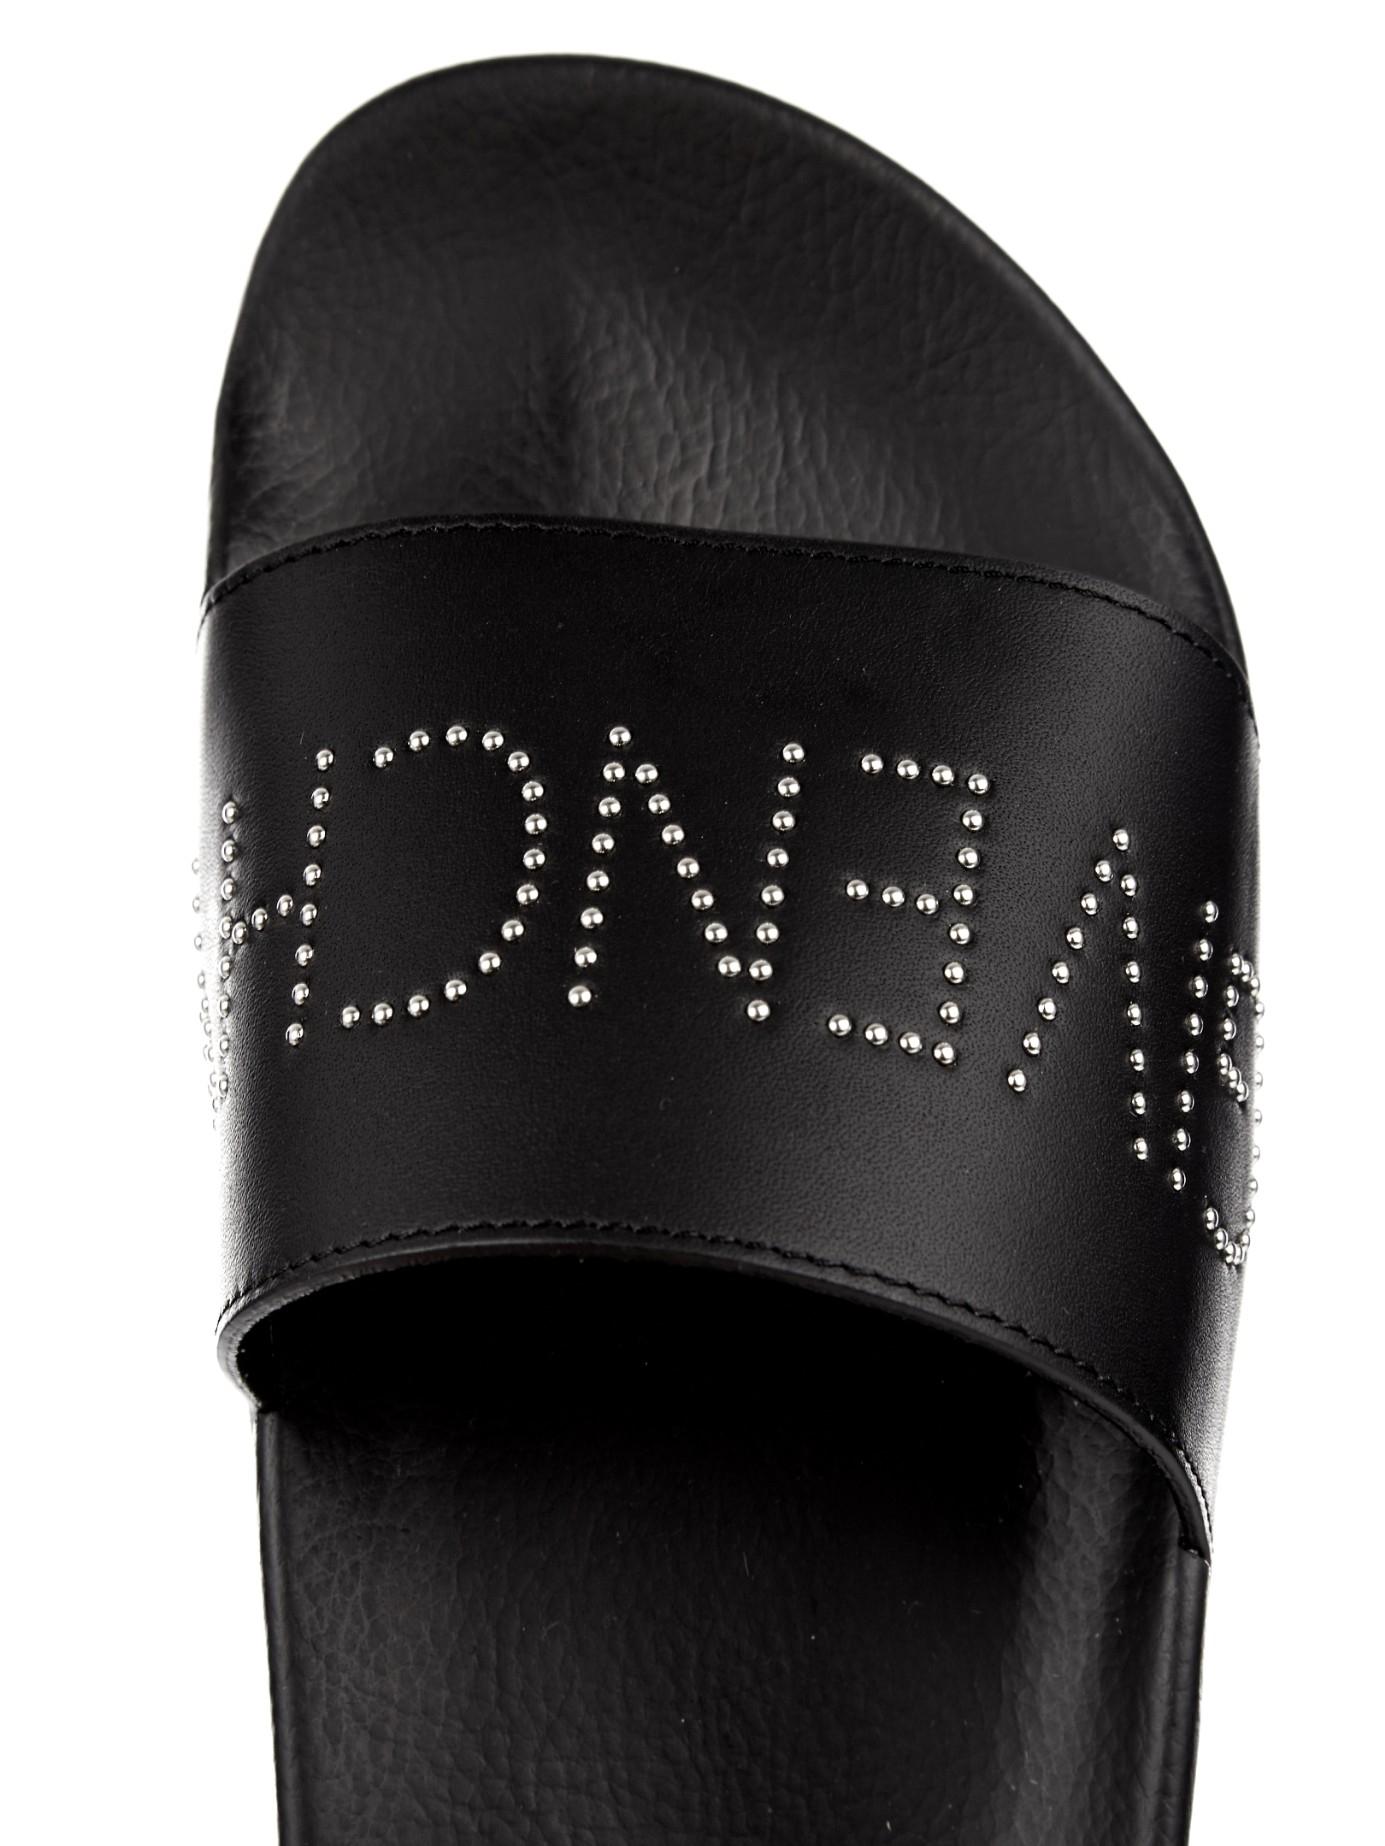 Givenchy Rubber Pool Slide Sandals In Black For Men Lyst